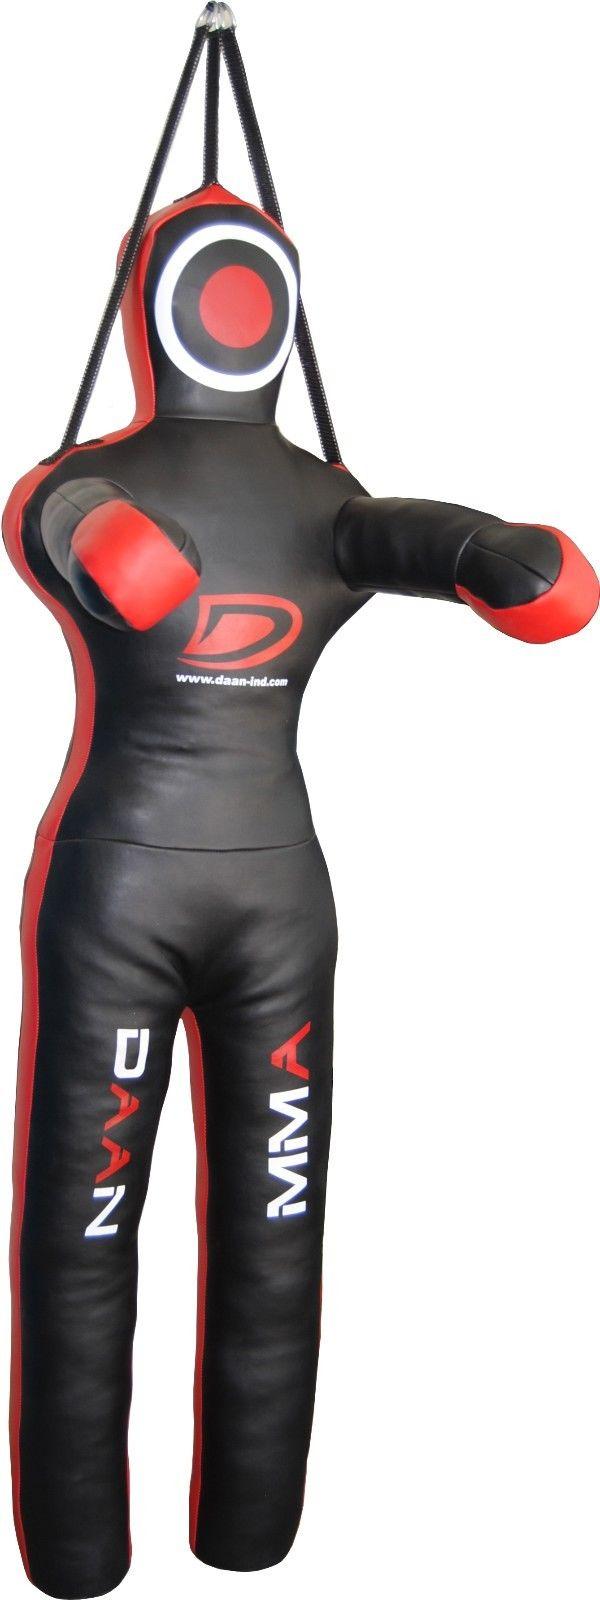 DAAN MMA Brazilian Jiu Jitsu Submission Grappling Dummy